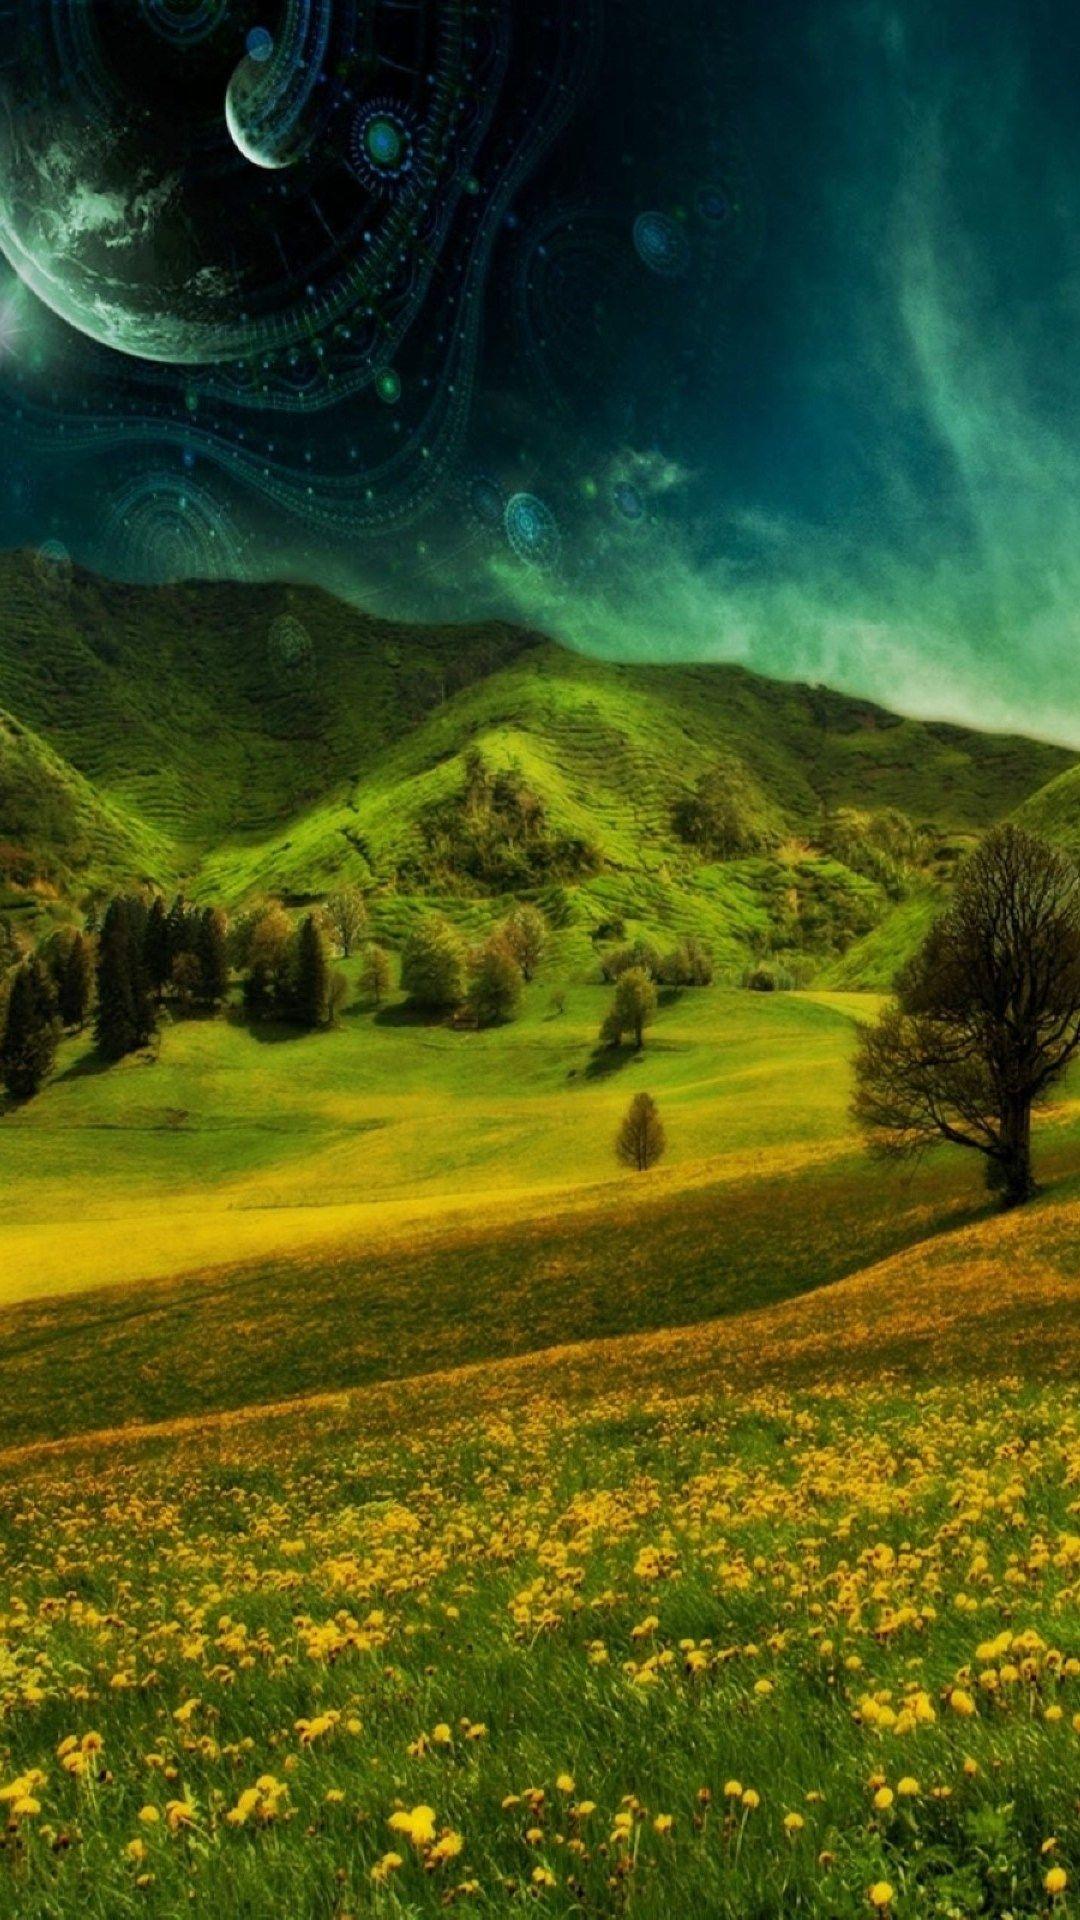 Nature Hill Grassland Landscape Iphone 6 Plus Wallpaper S5 Wallpaper Samsung Galaxy Wallpaper Iphone 6 Plus Wallpaper